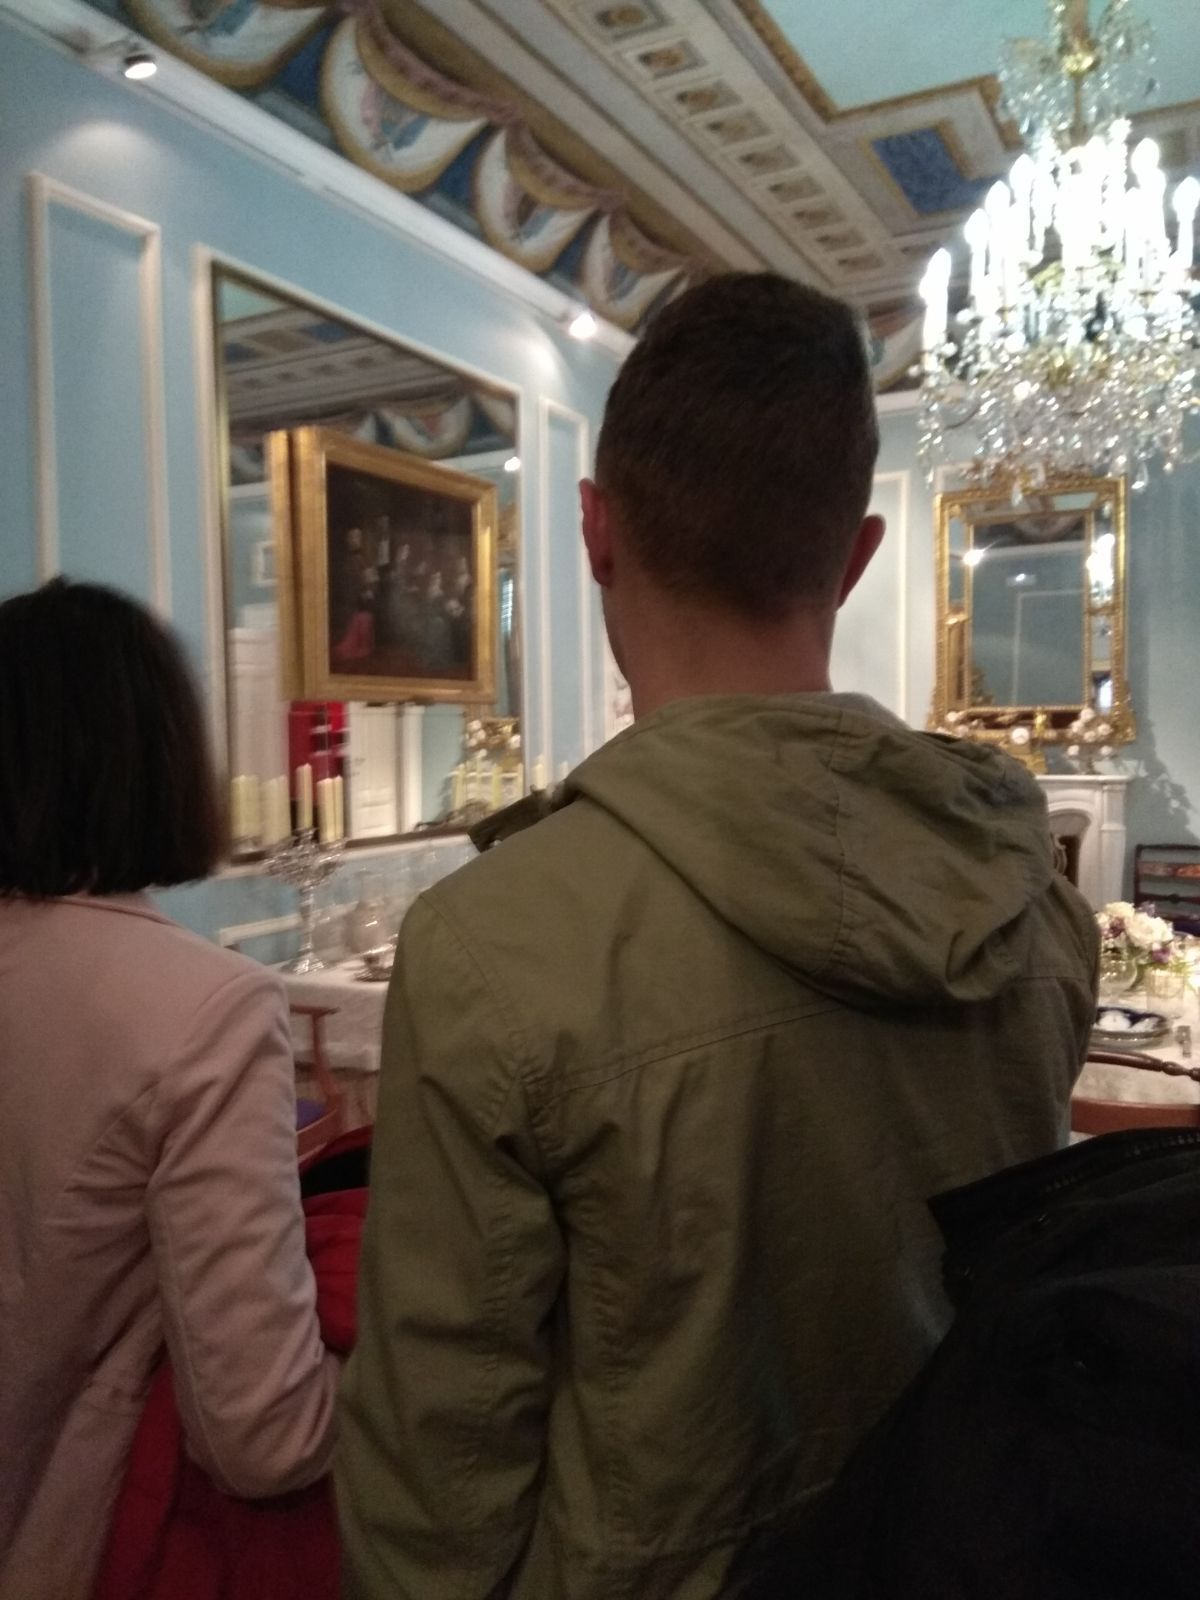 Visita al Museo Romántico 5/04/2018